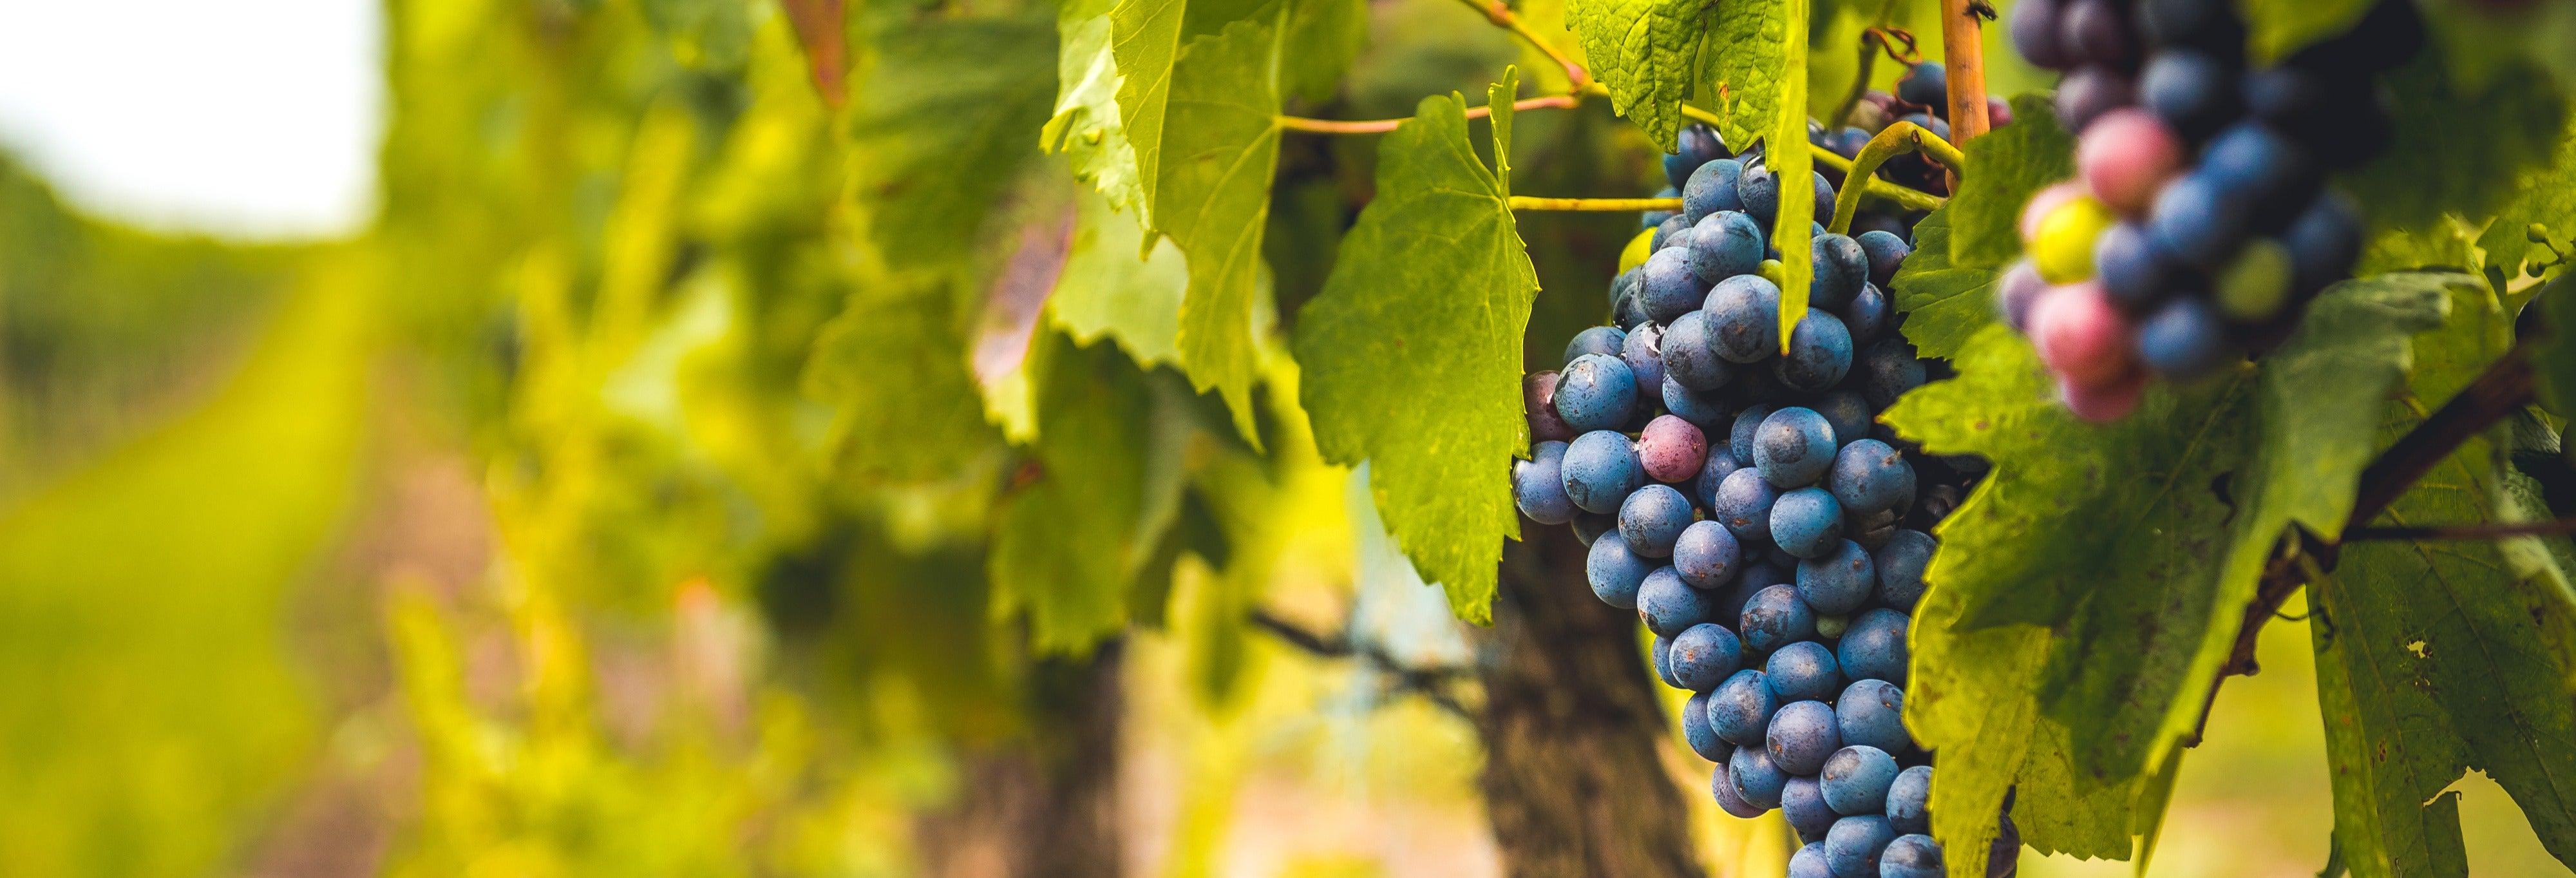 Escursione a Siurana con degustazione di vino